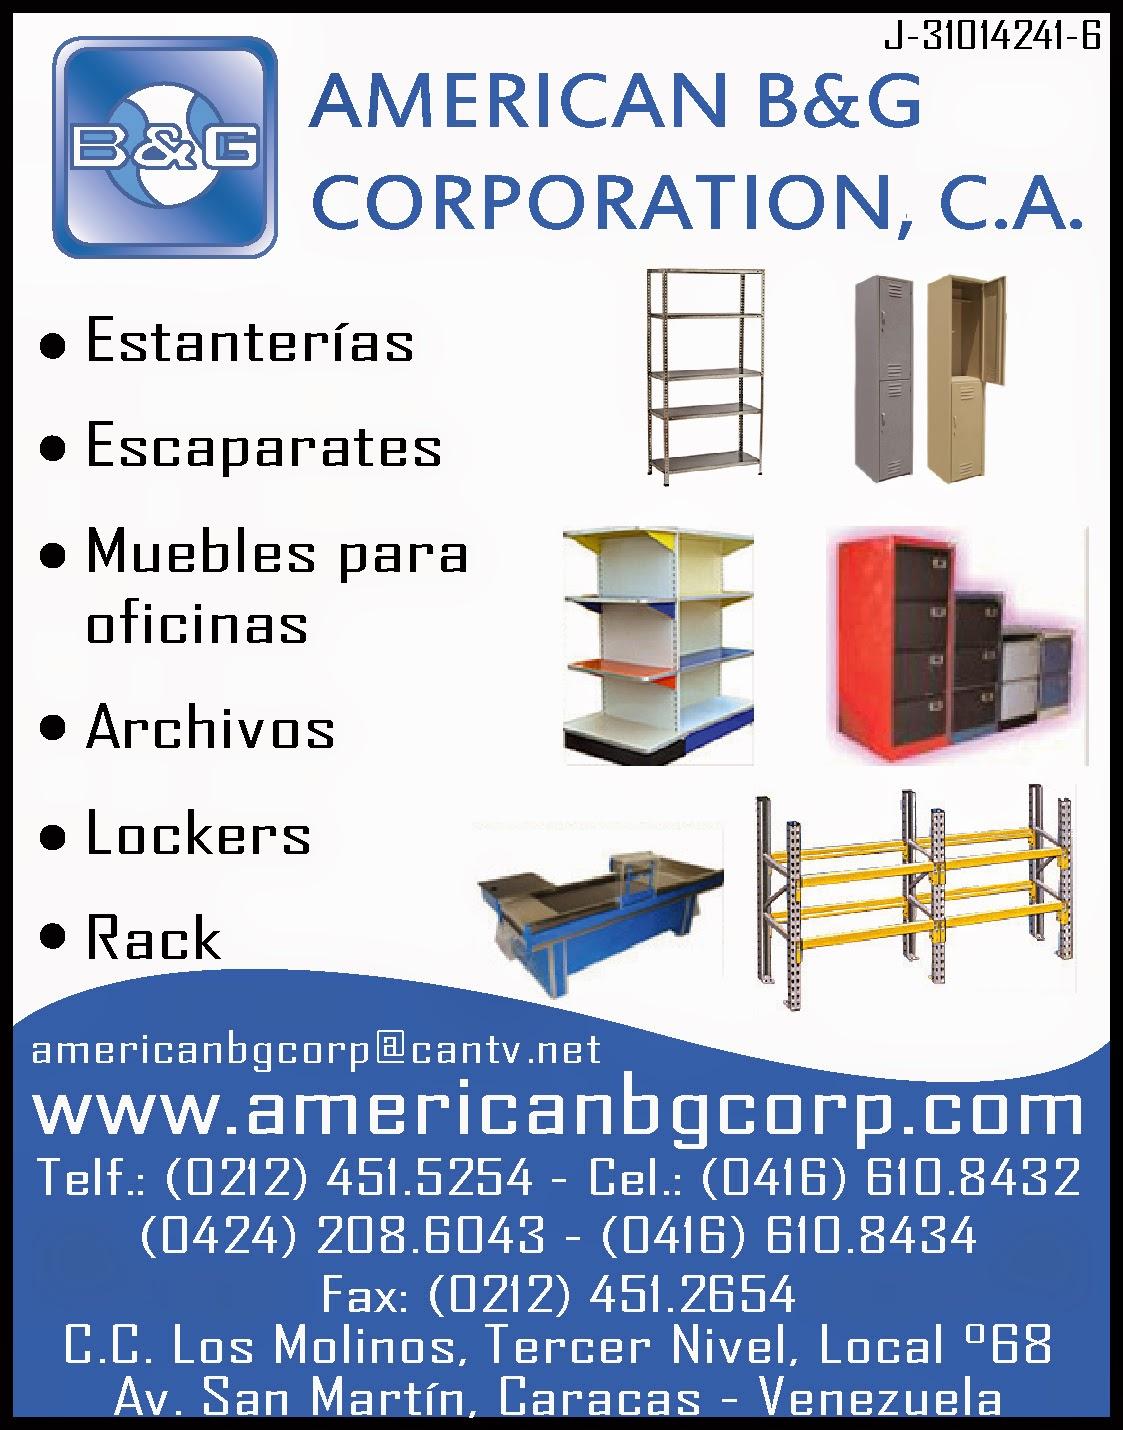 AMERICAN B&G CORPORATION en Paginas Amarillas tu guia Comercial